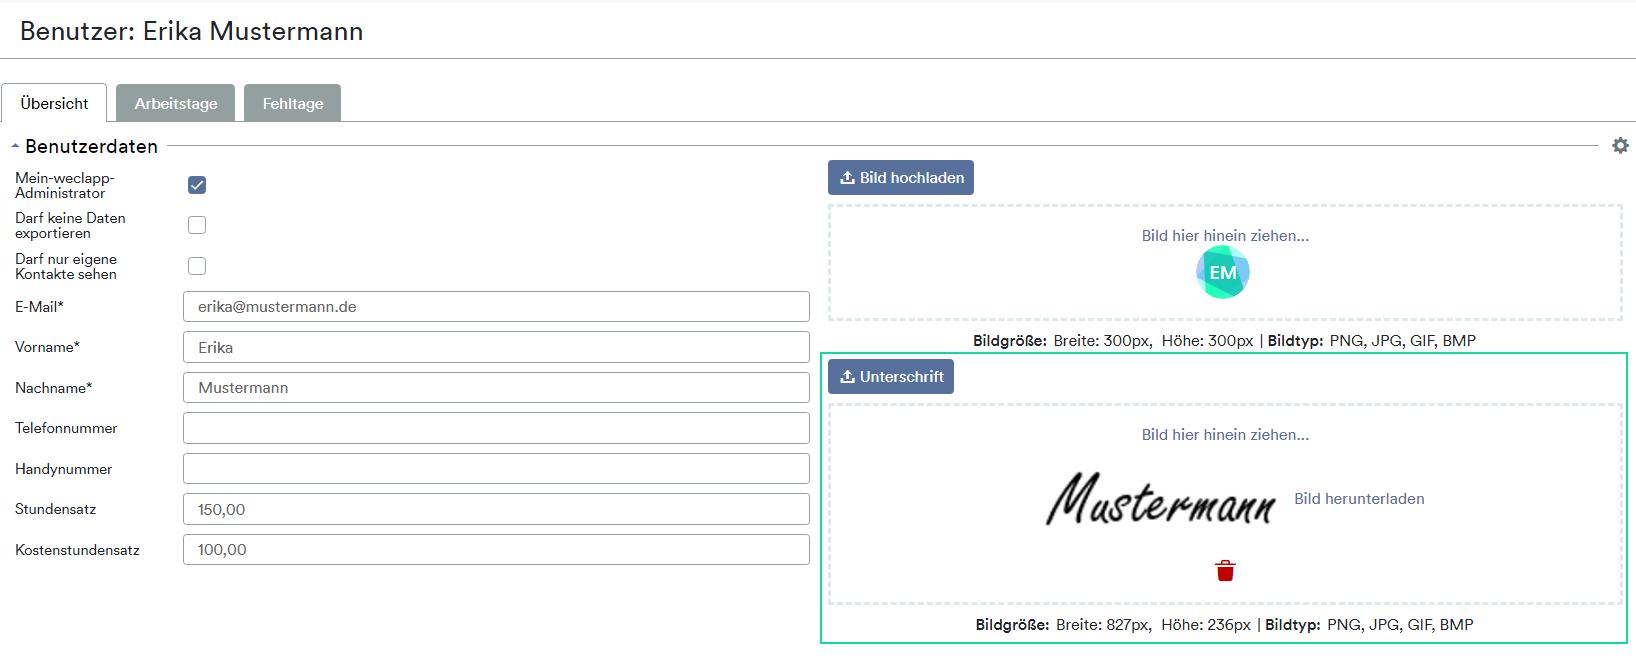 Benutzer Unterschrift